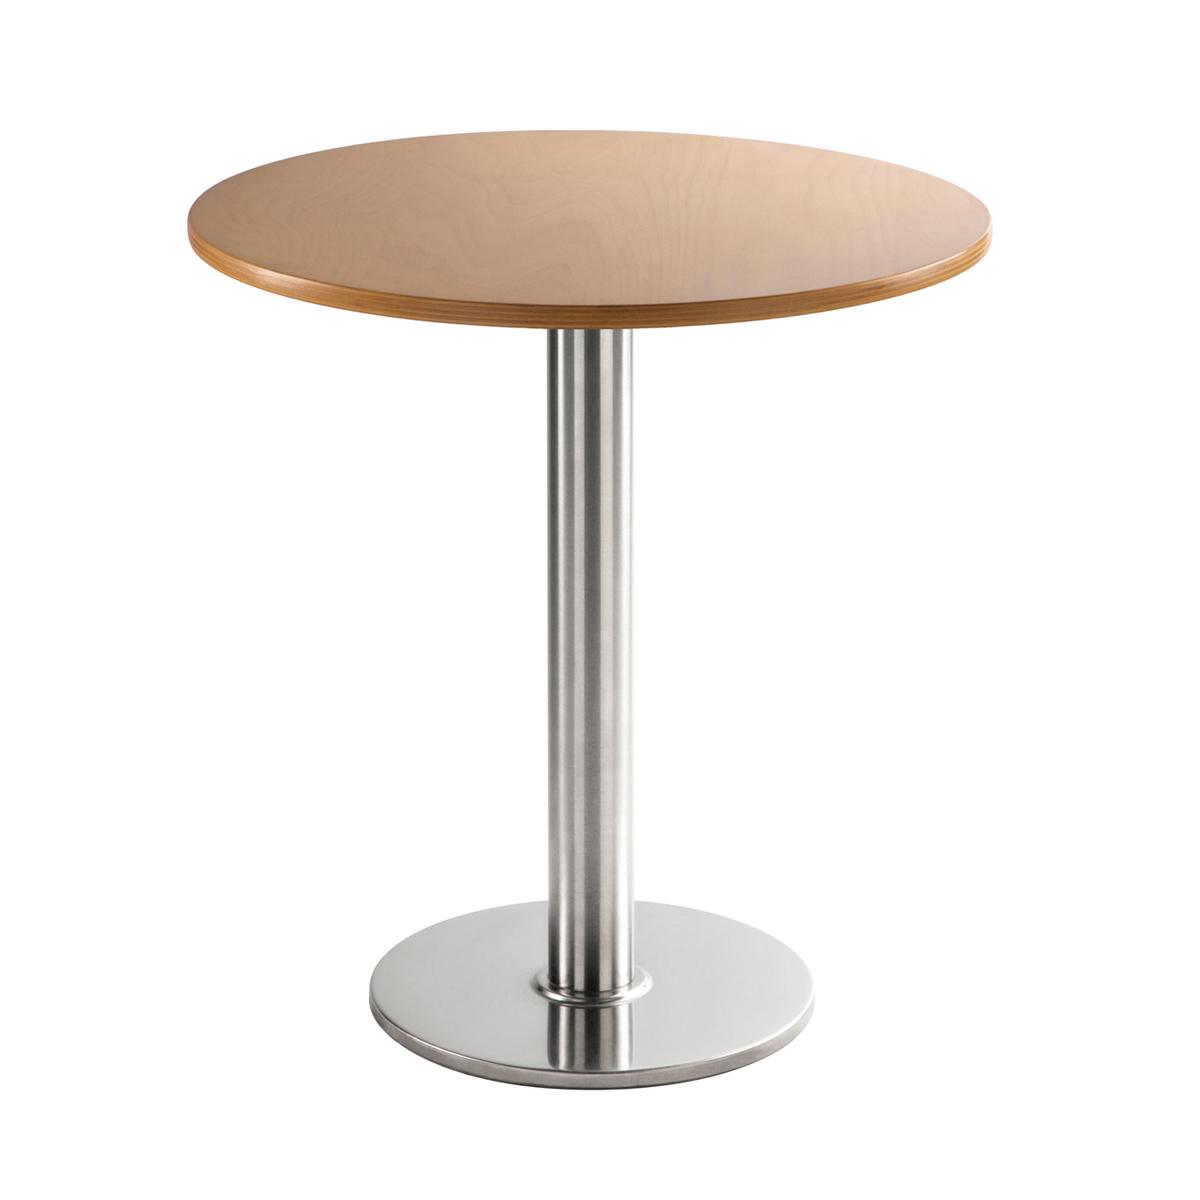 Sitztisch Chromo, rund, Buche